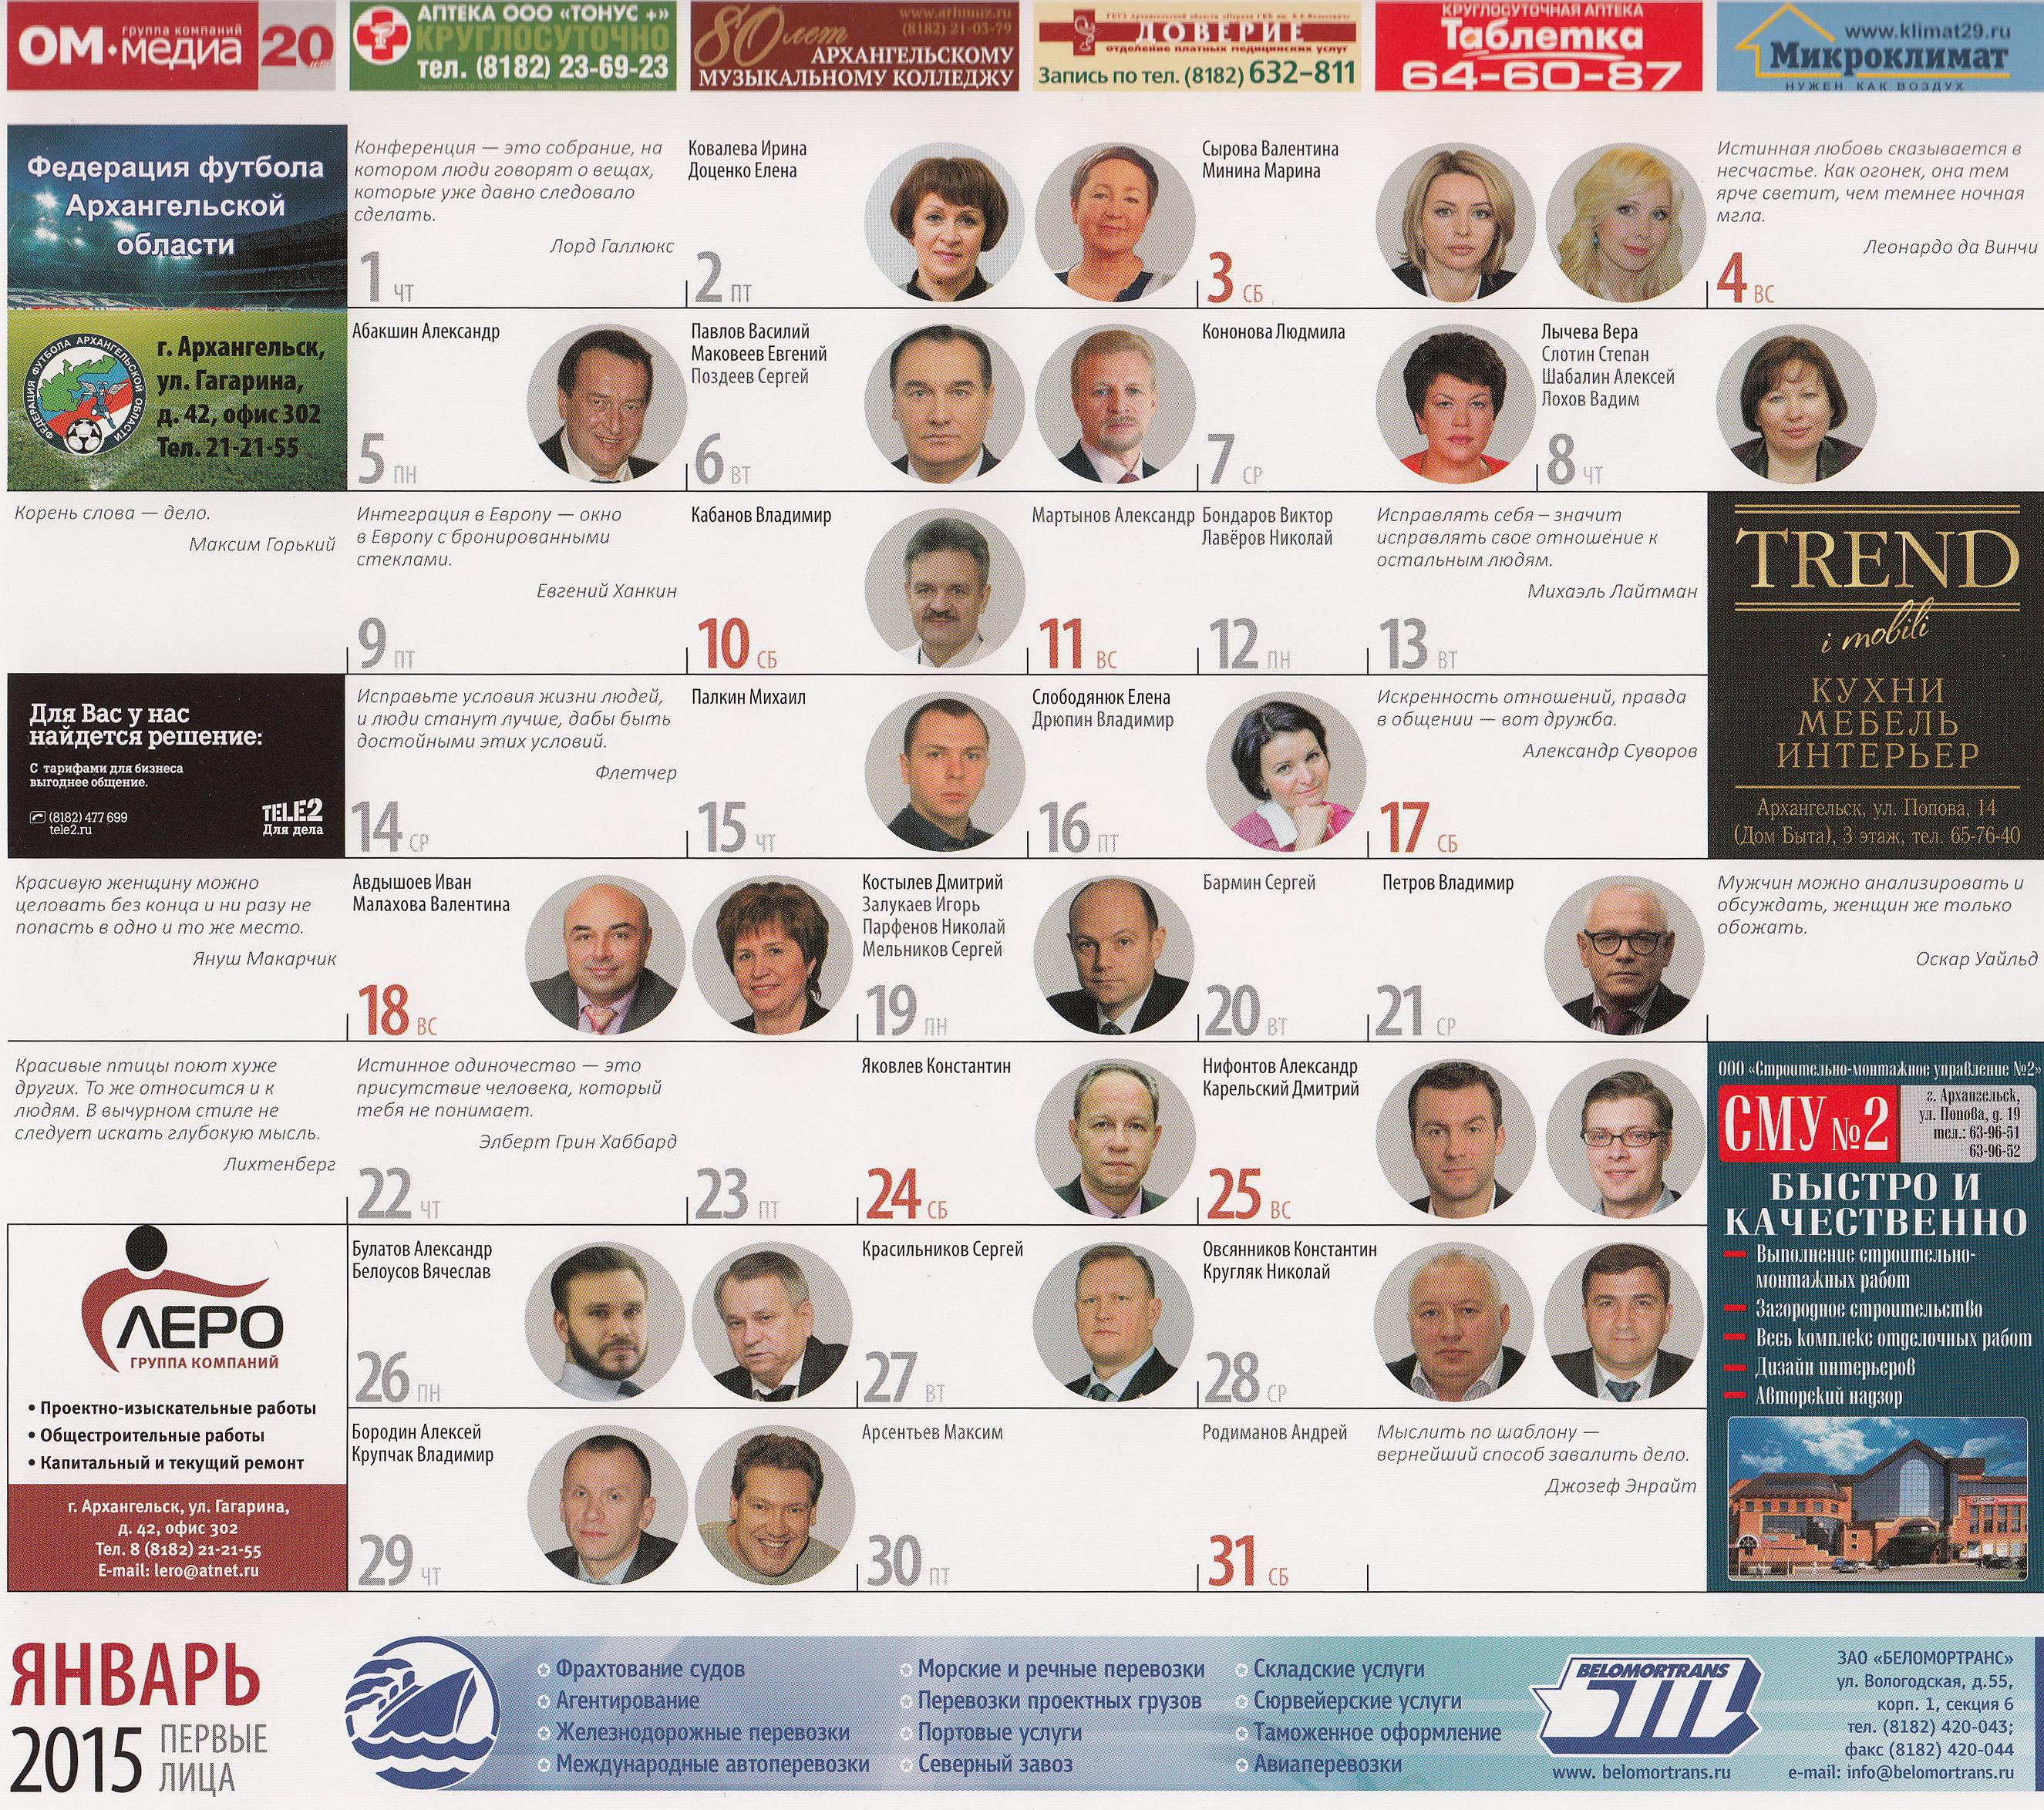 Защищено: Коррупция. Олигархи в календаре Игоря Орлова